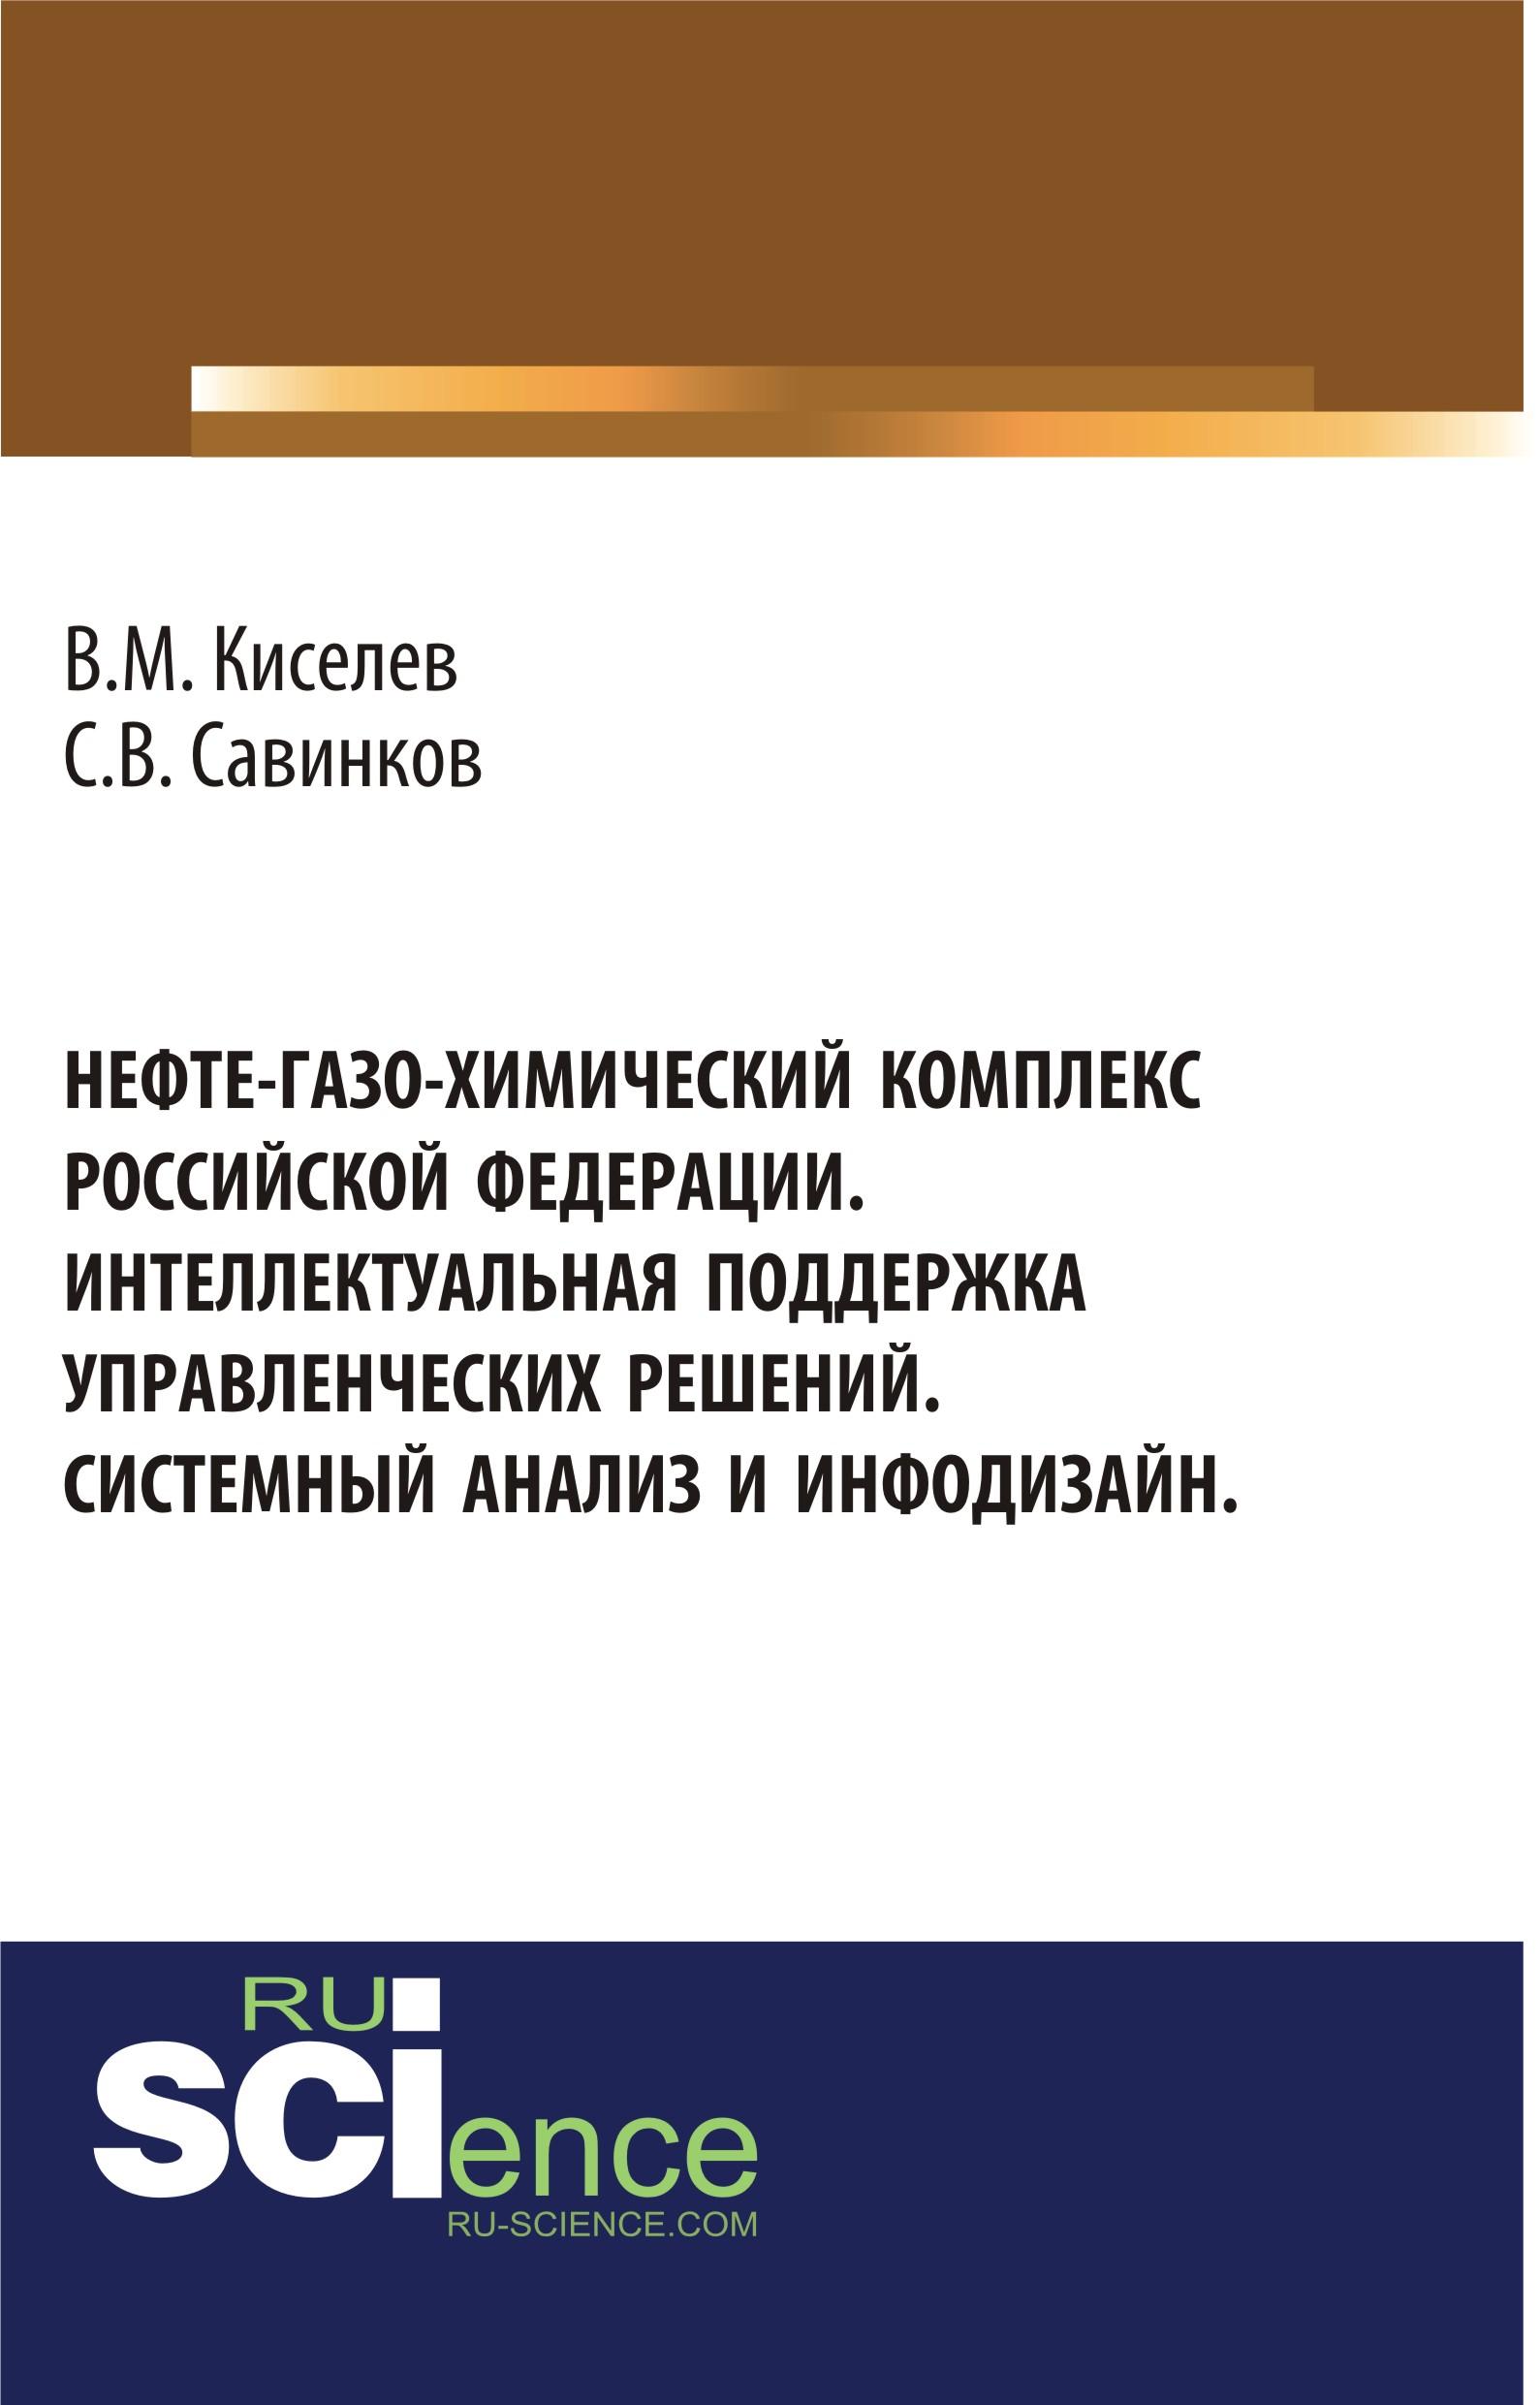 Нефте-газо-химический комплекс Российской Федерации. Интеллектуальная поддержка управленческих решений. Системный анализ и инфодизайн